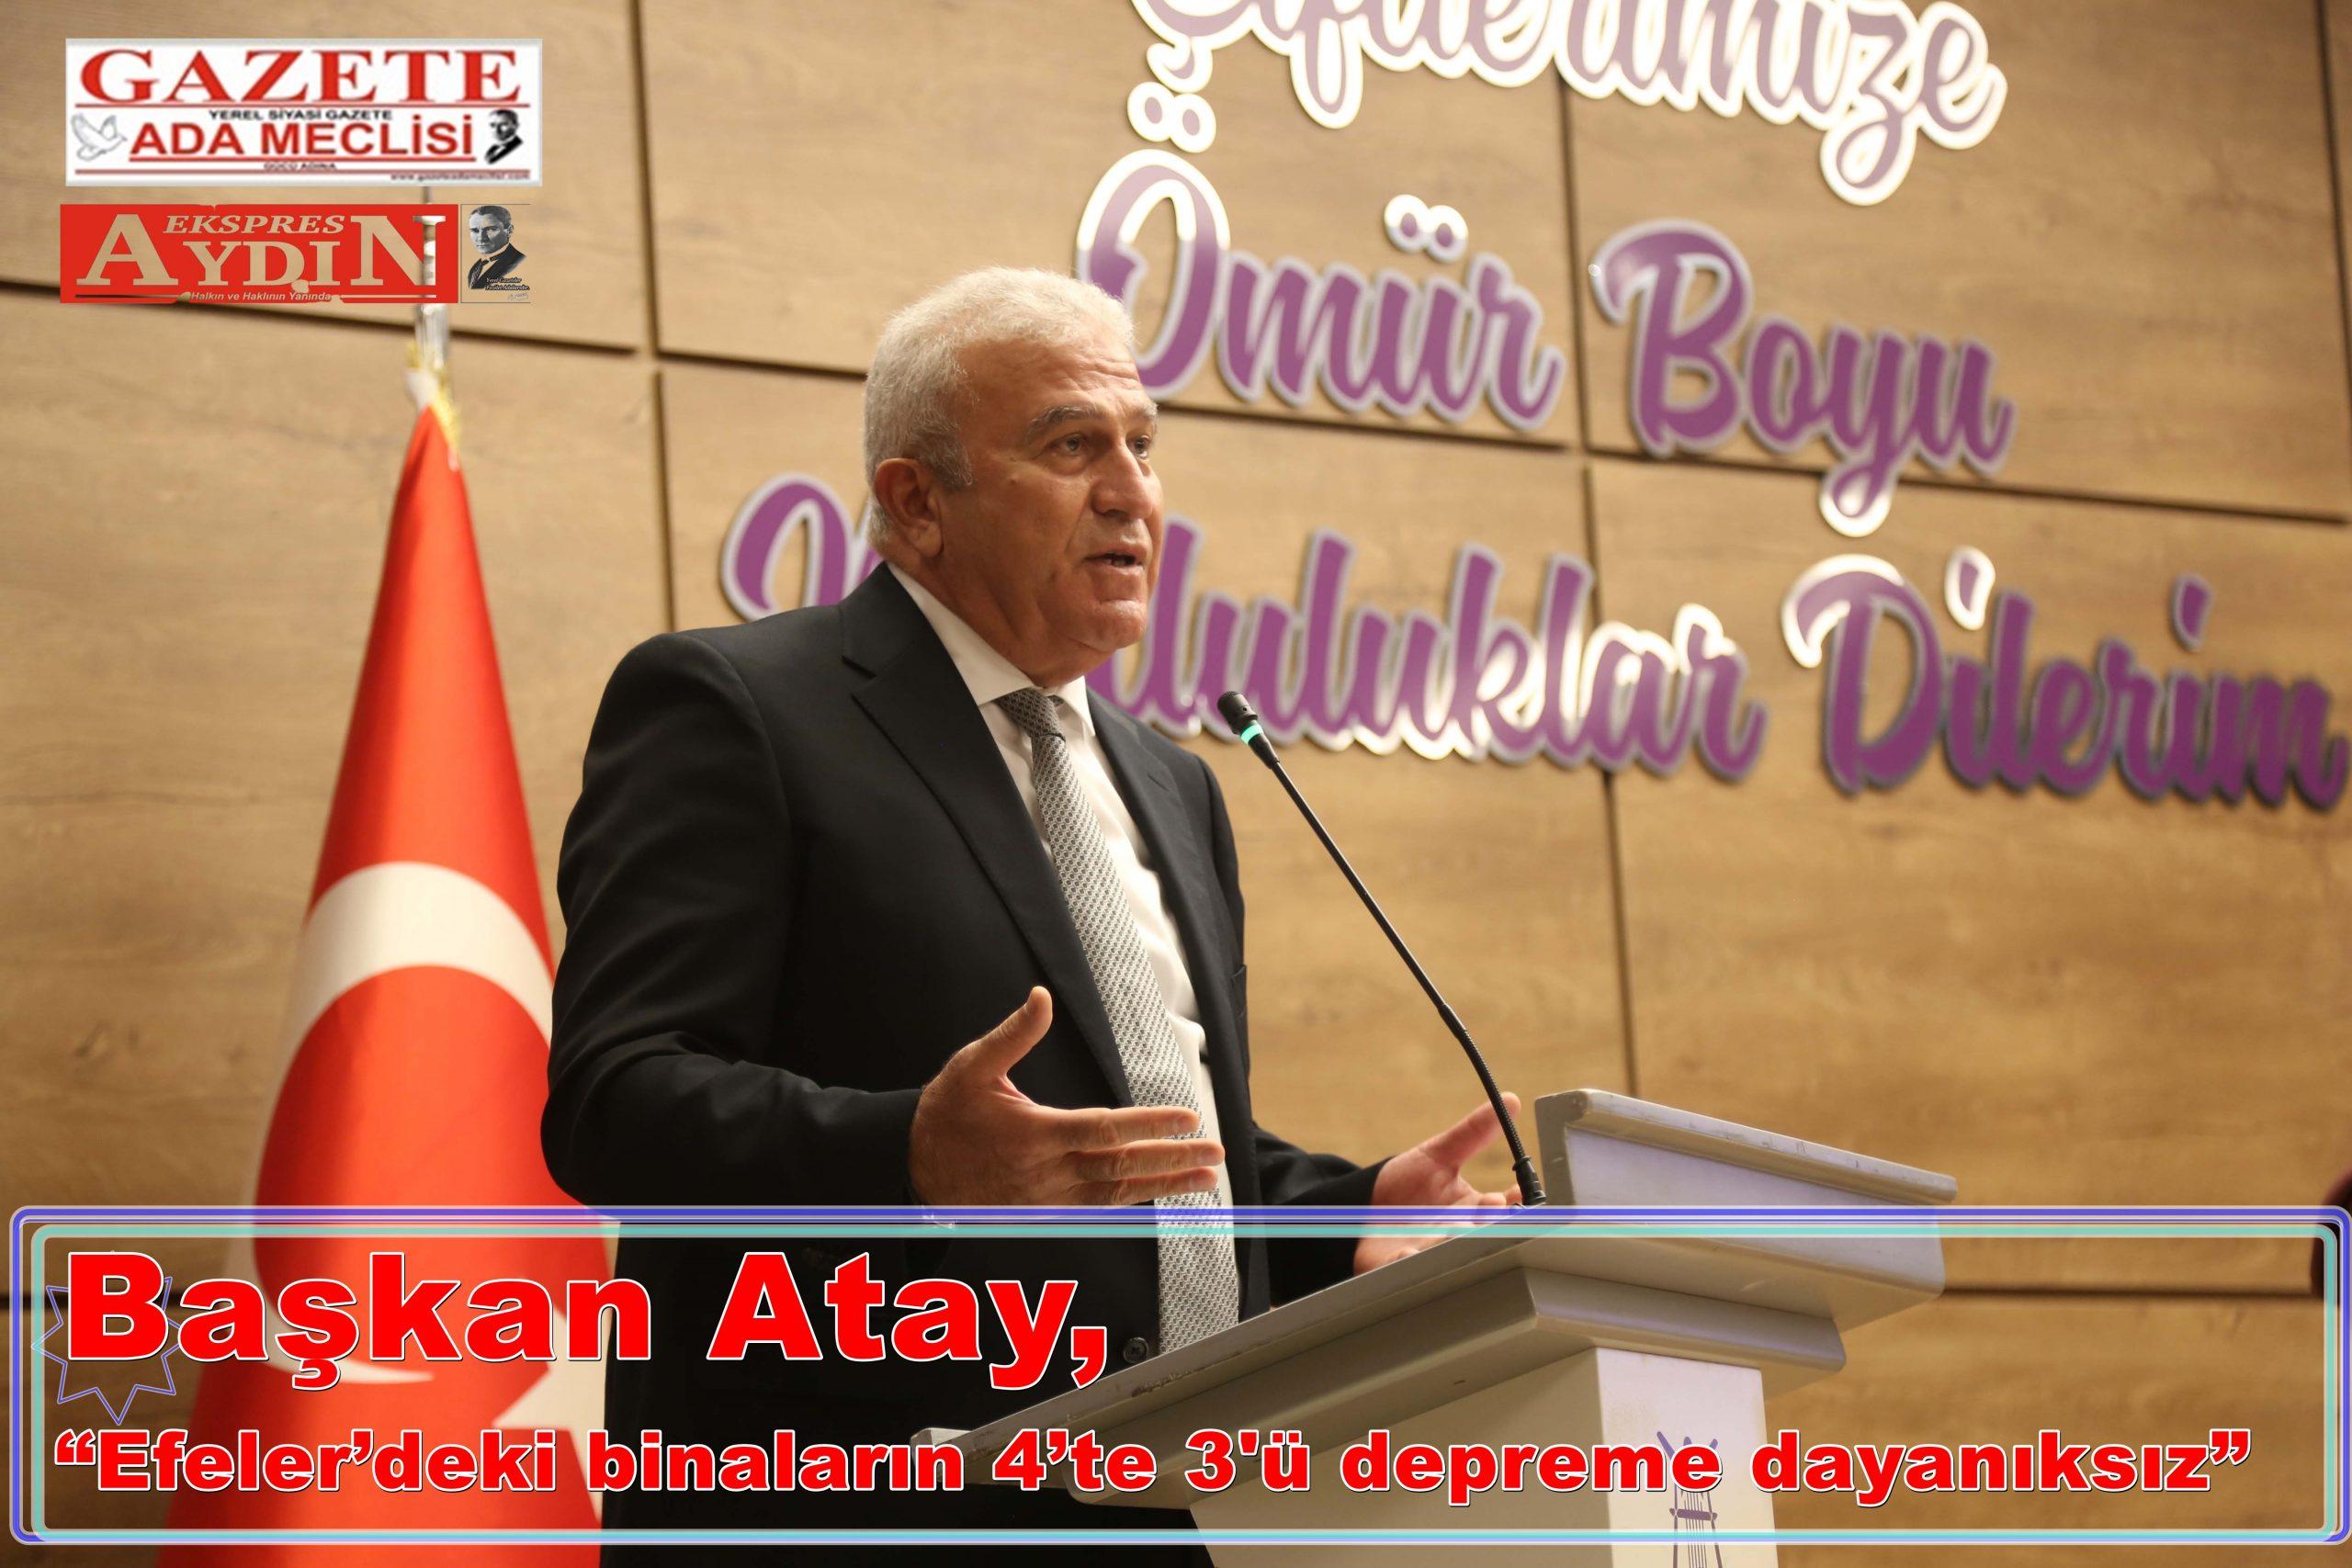 """Başkan Atay, """"Efeler'deki binaların 4'te 3'ü depreme dayanıksız"""""""